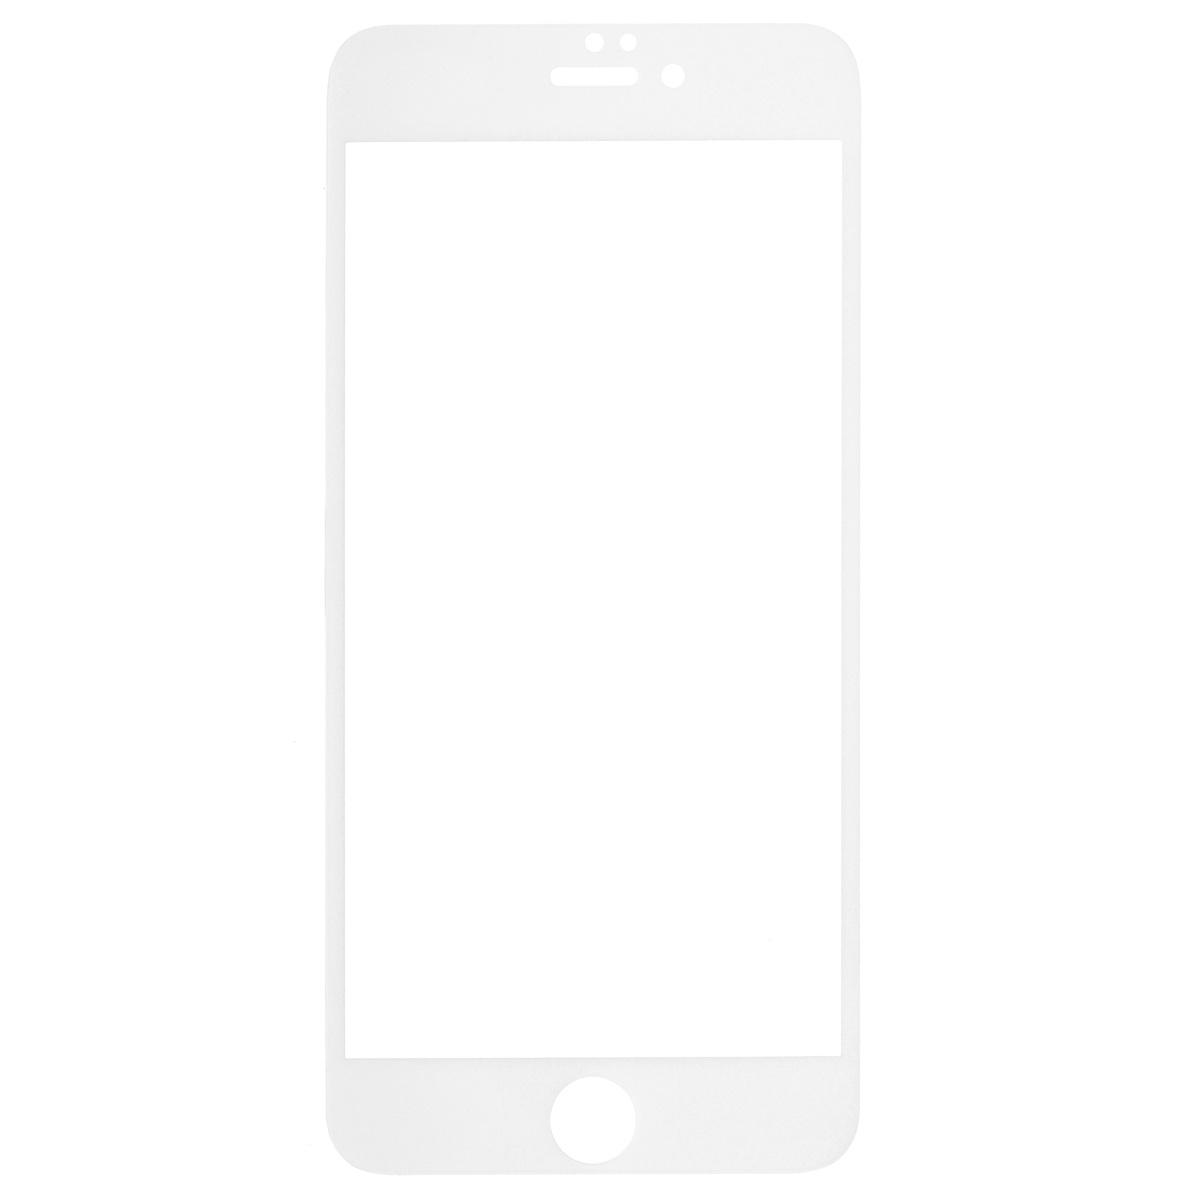 Highscreen защитное стекло для iPhone 6 Plus, белая рамка22887Защитное стекло Highscreen дляiPhone 6 Plus - надежная защита экрана смартфона от грязи, пыли, отпечатков пальцев и царапин. Стекло изготовлено точно по размеру экрана, отличается кристальной прозрачностью и имеет все необходимые прорези.